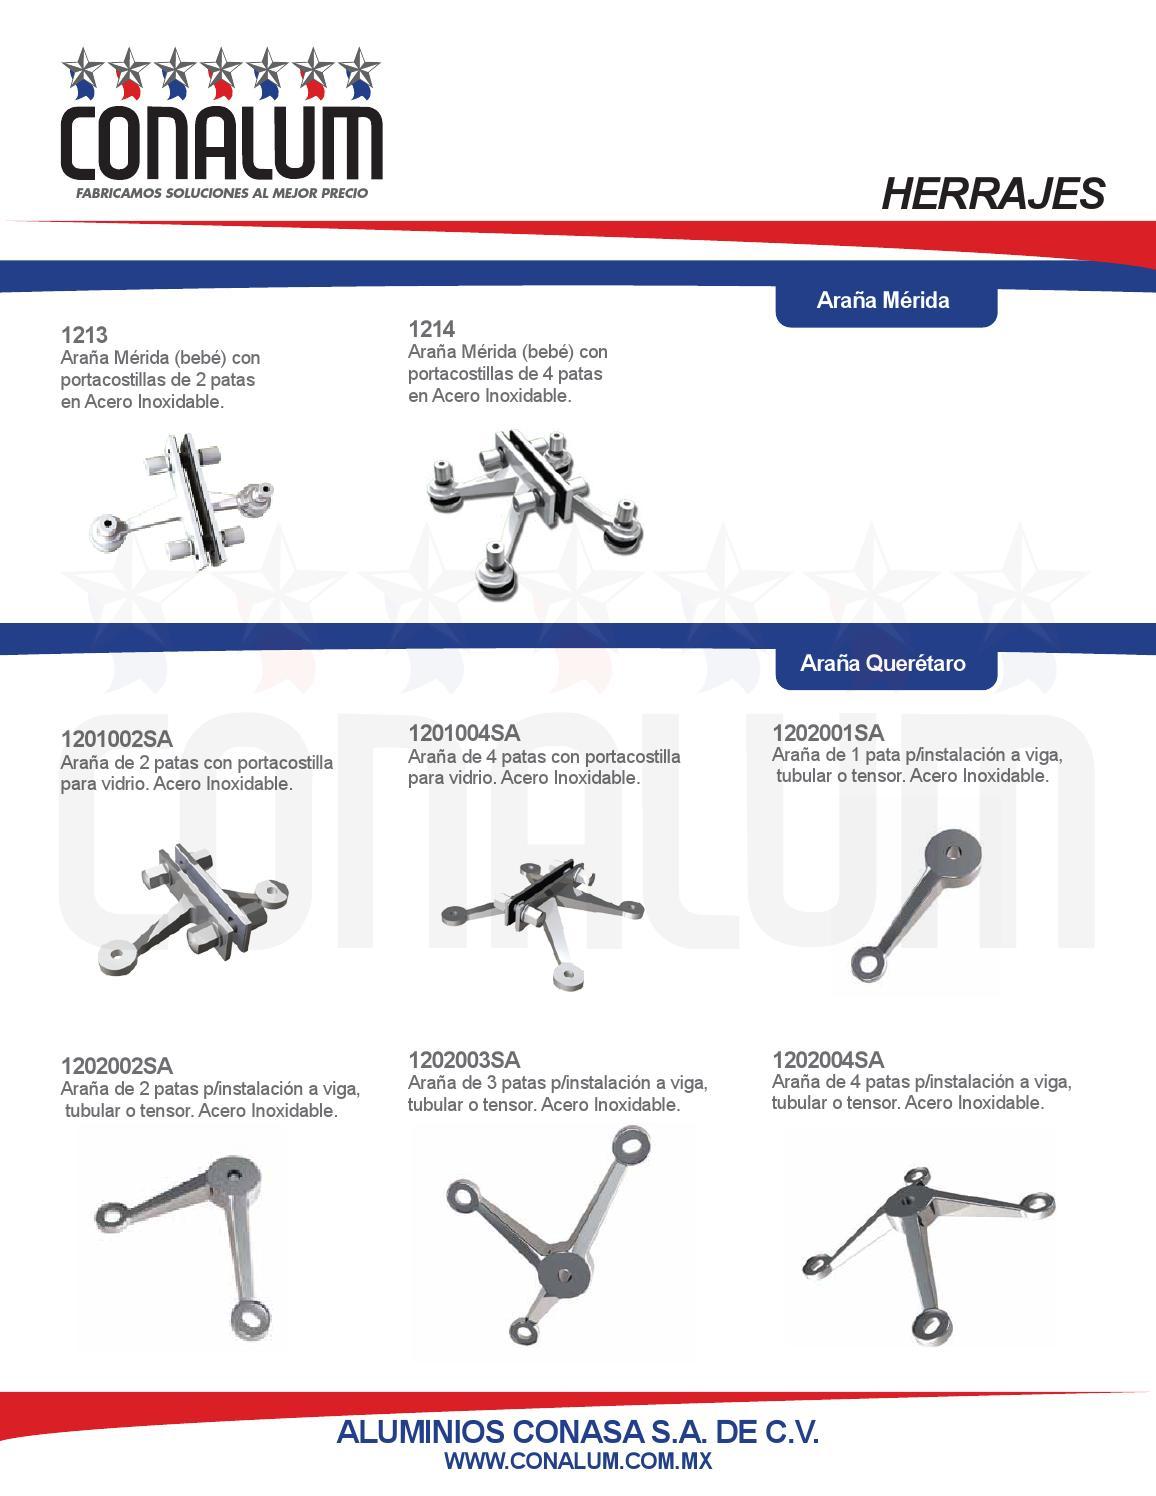 Herrajes para bano fachada y accesorios by conalum issuu - Herrajes de acero inoxidable ...